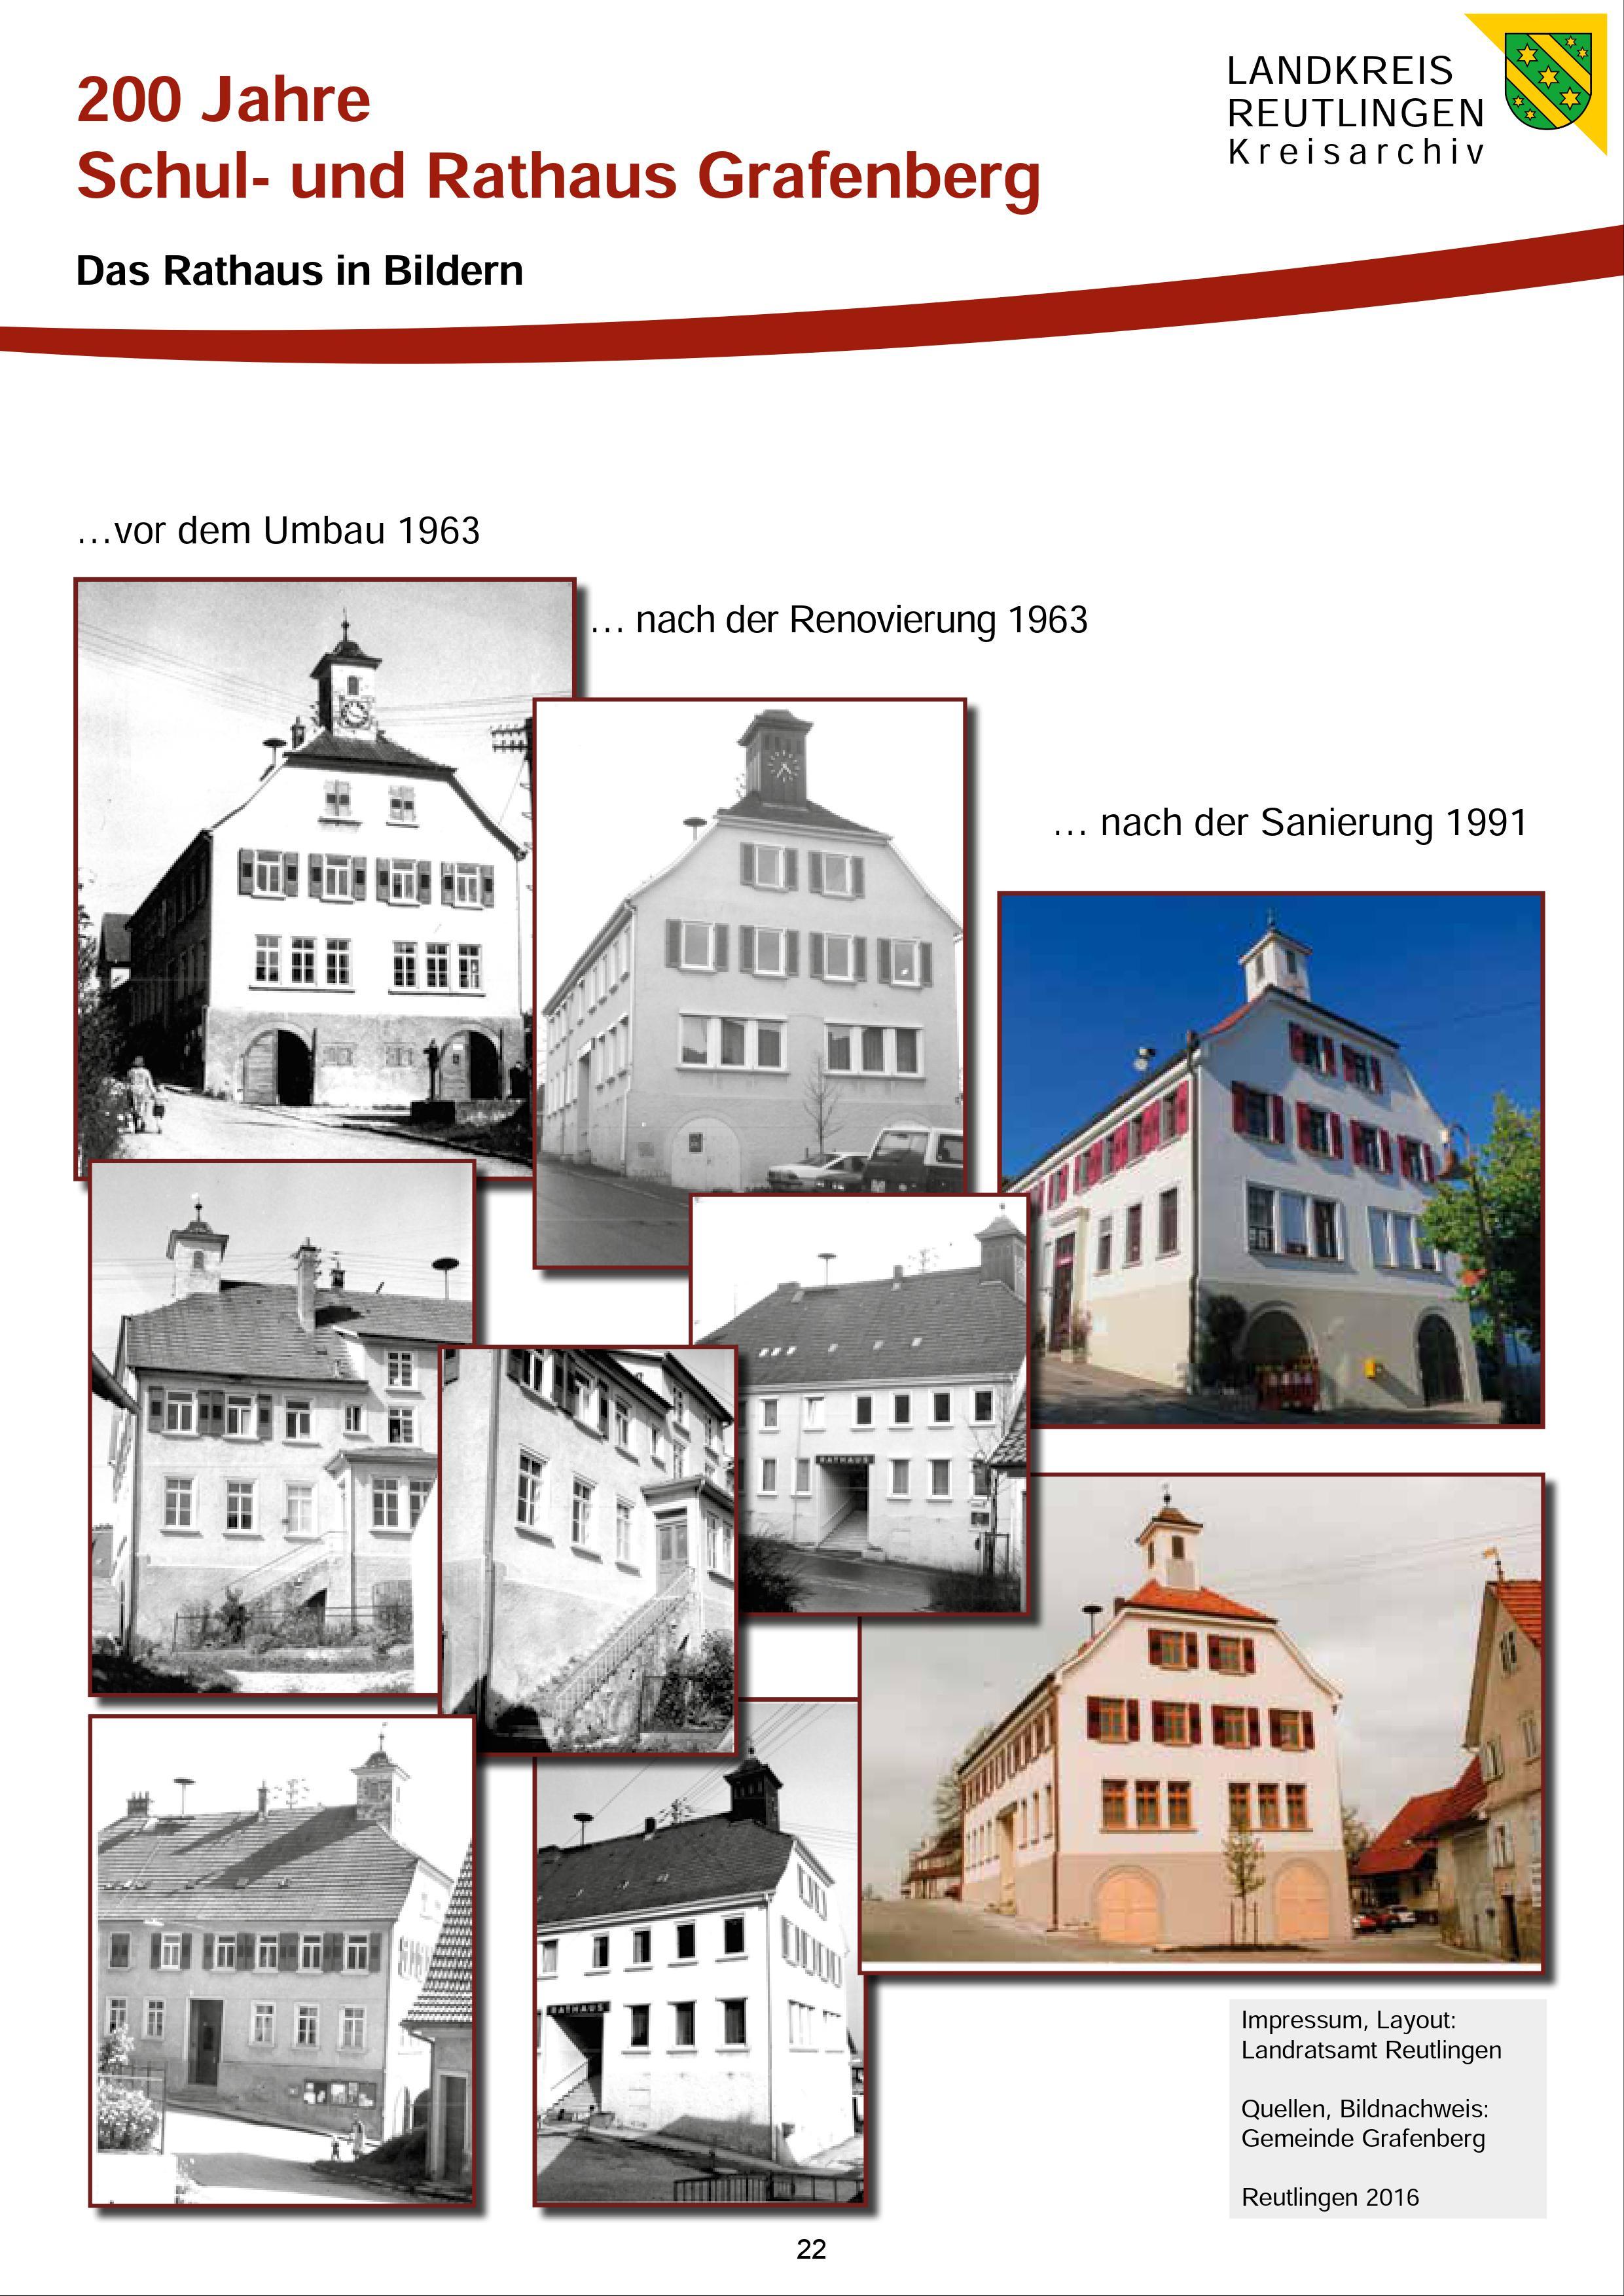 200 Jahre Schul- und Rathaus Grafenberg